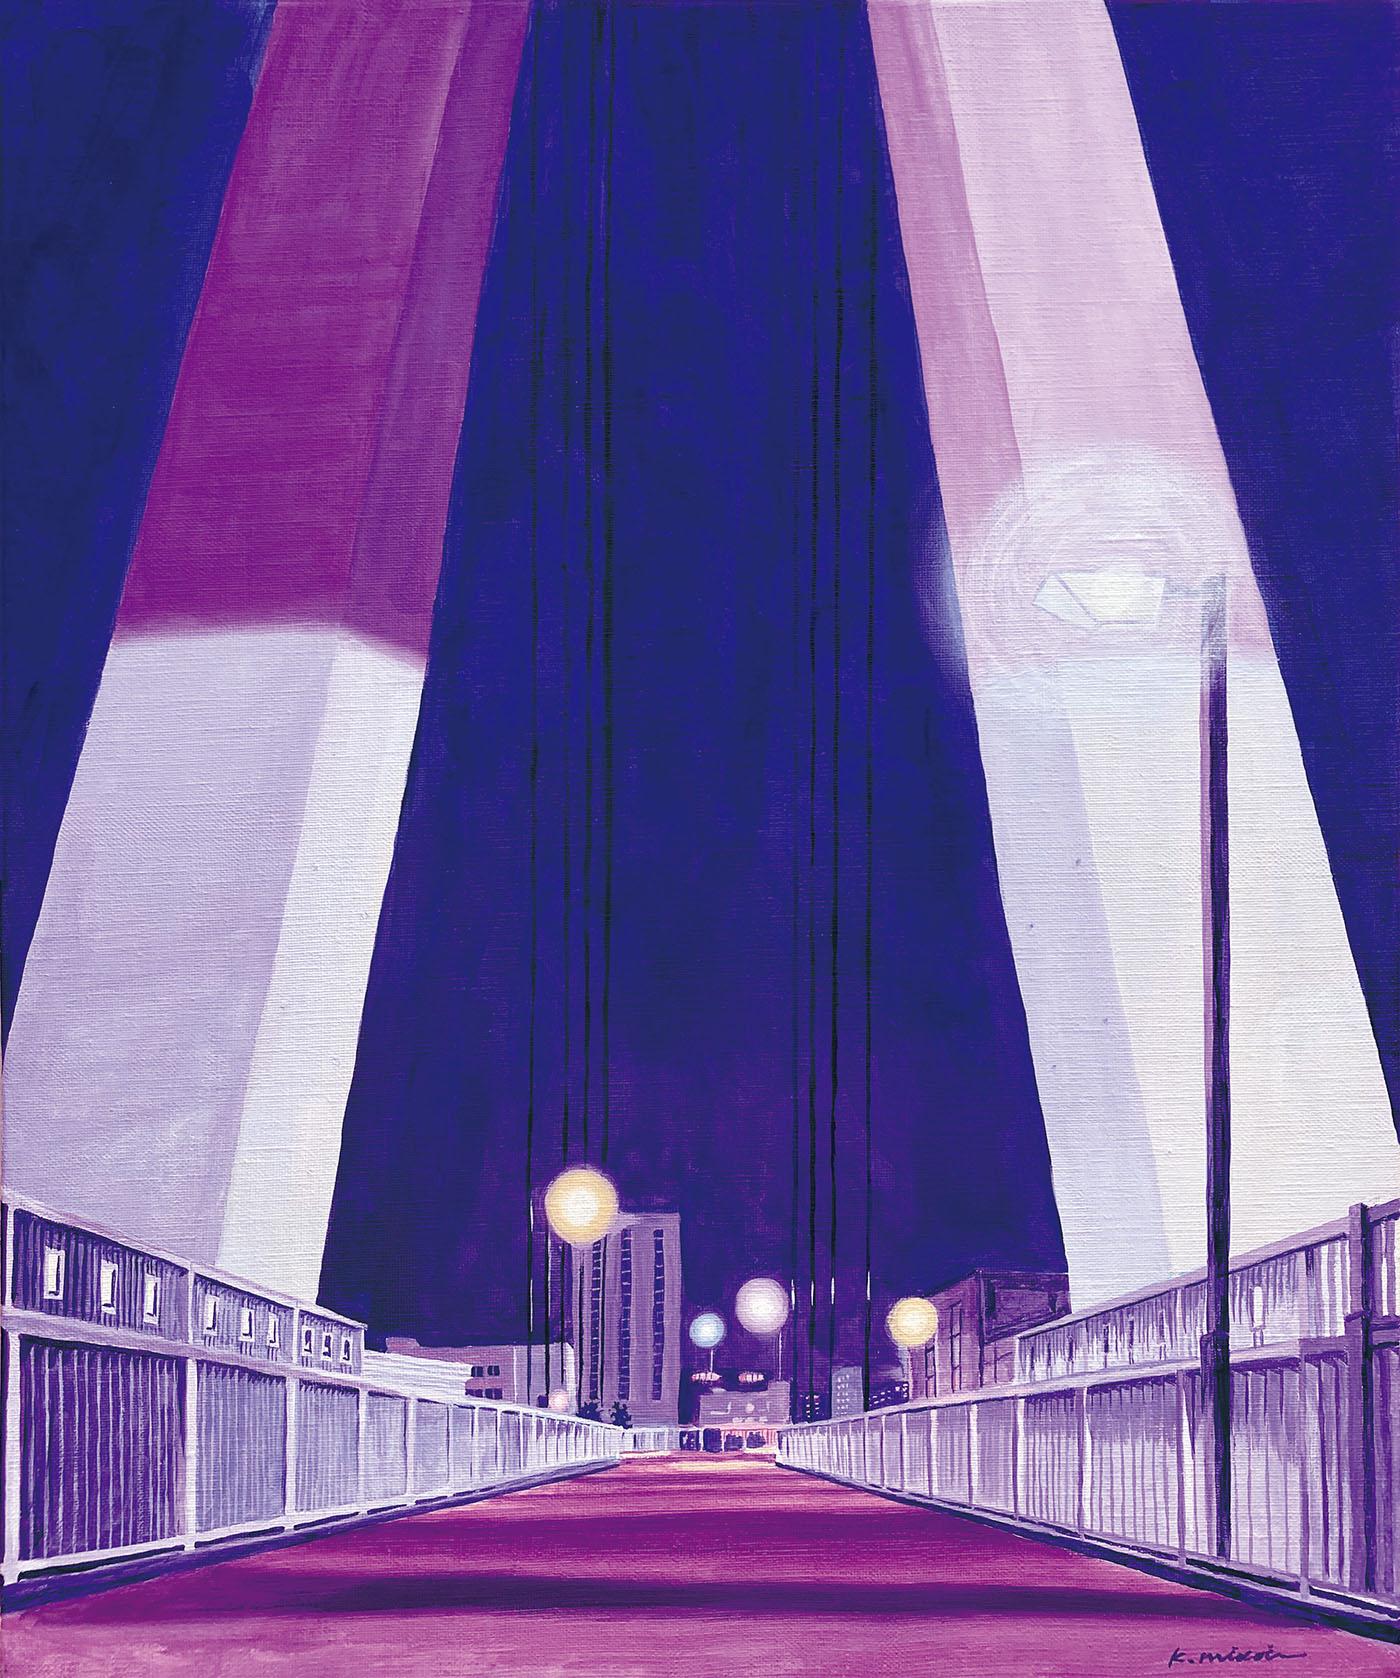 イラストレーション 草野碧 風景 橋 夜 ノスタルジック